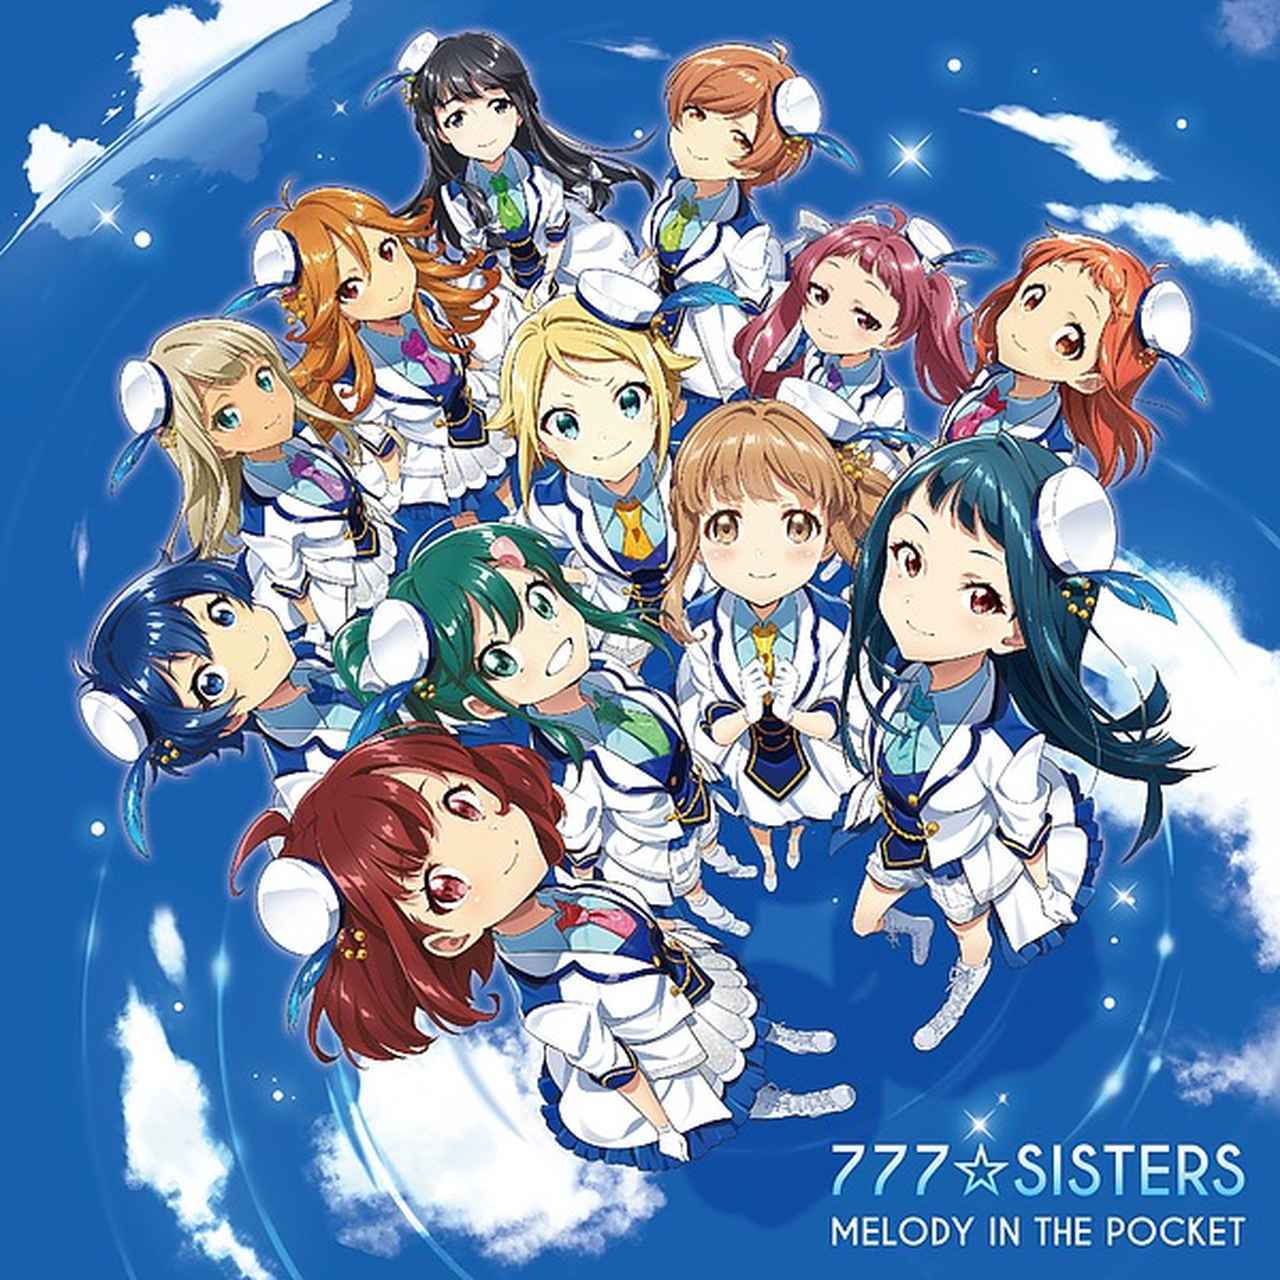 画像: MELODY IN THE POCKET/777☆SISTERS